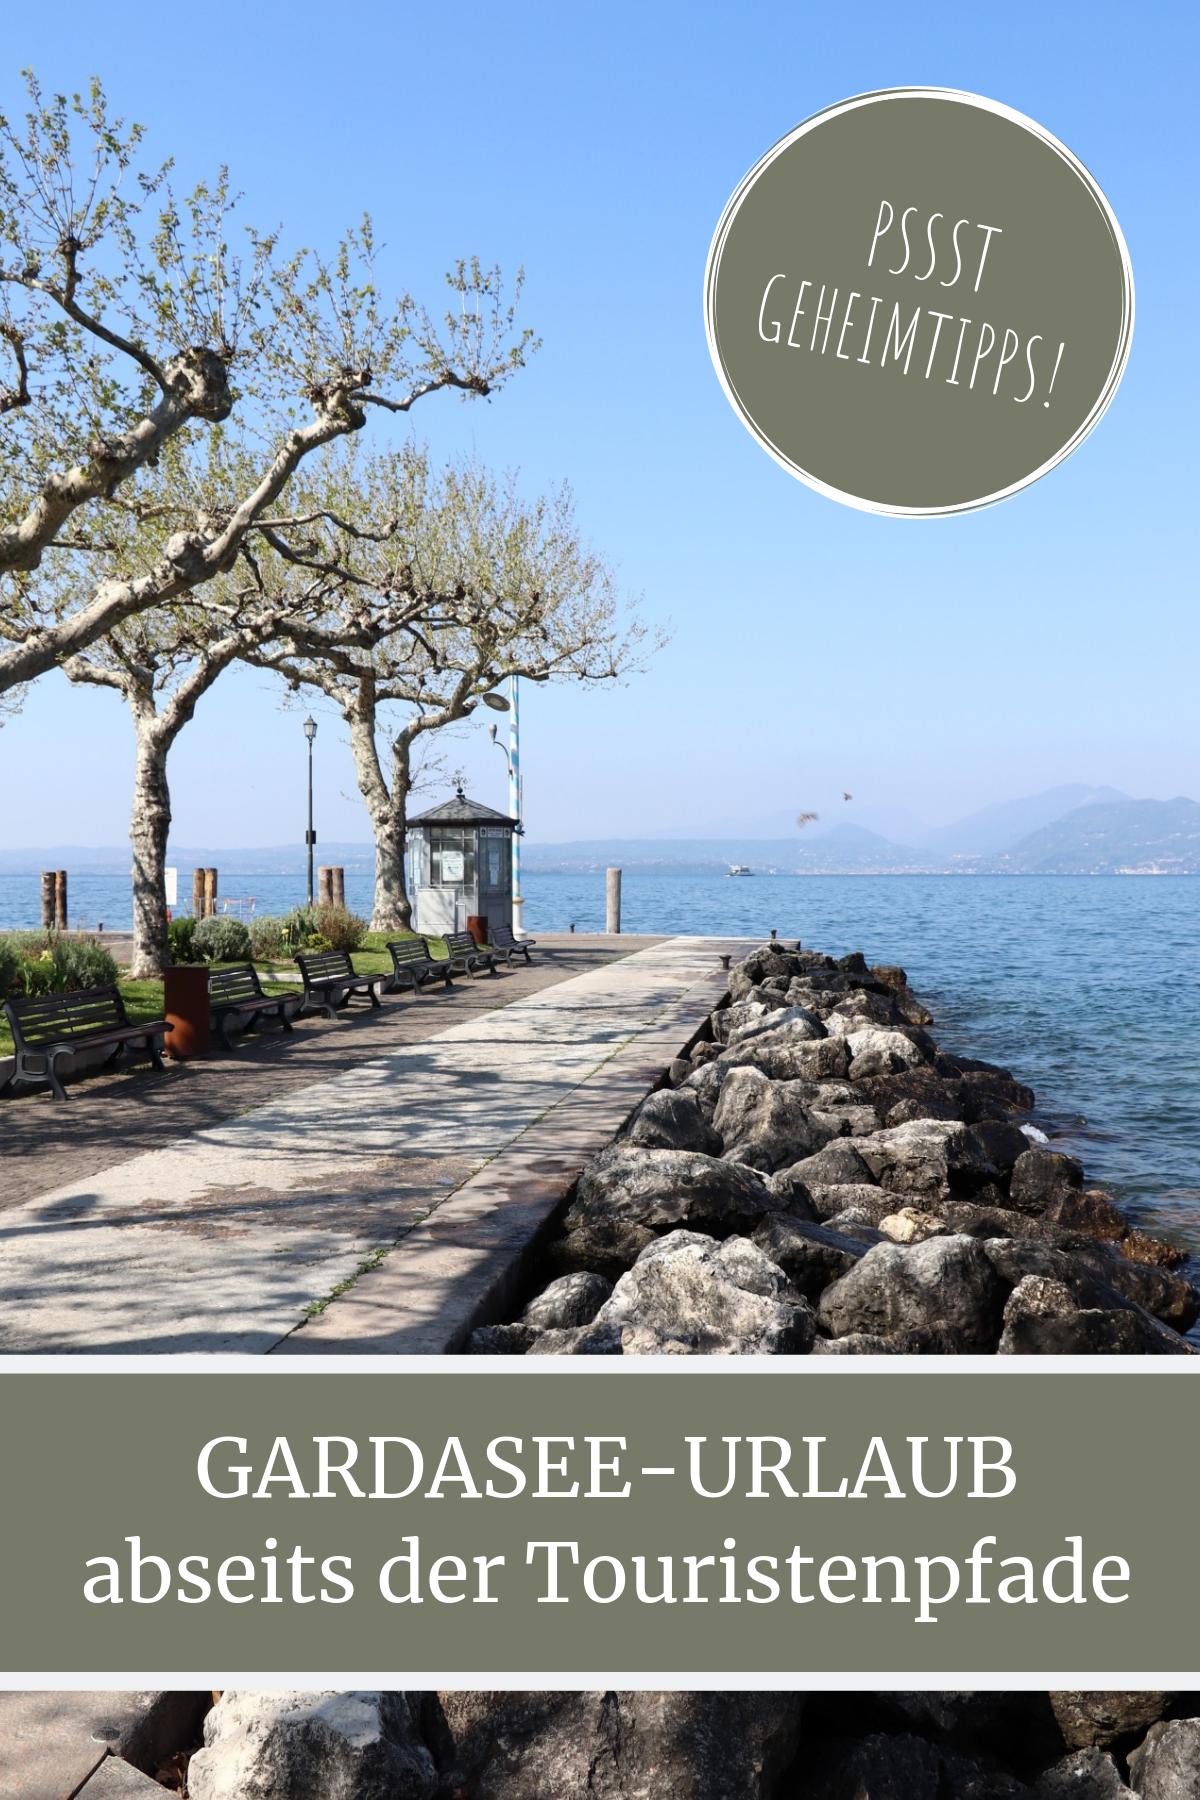 Gardasee: Tipps abseits der Touristenpfade #whatkindofdog